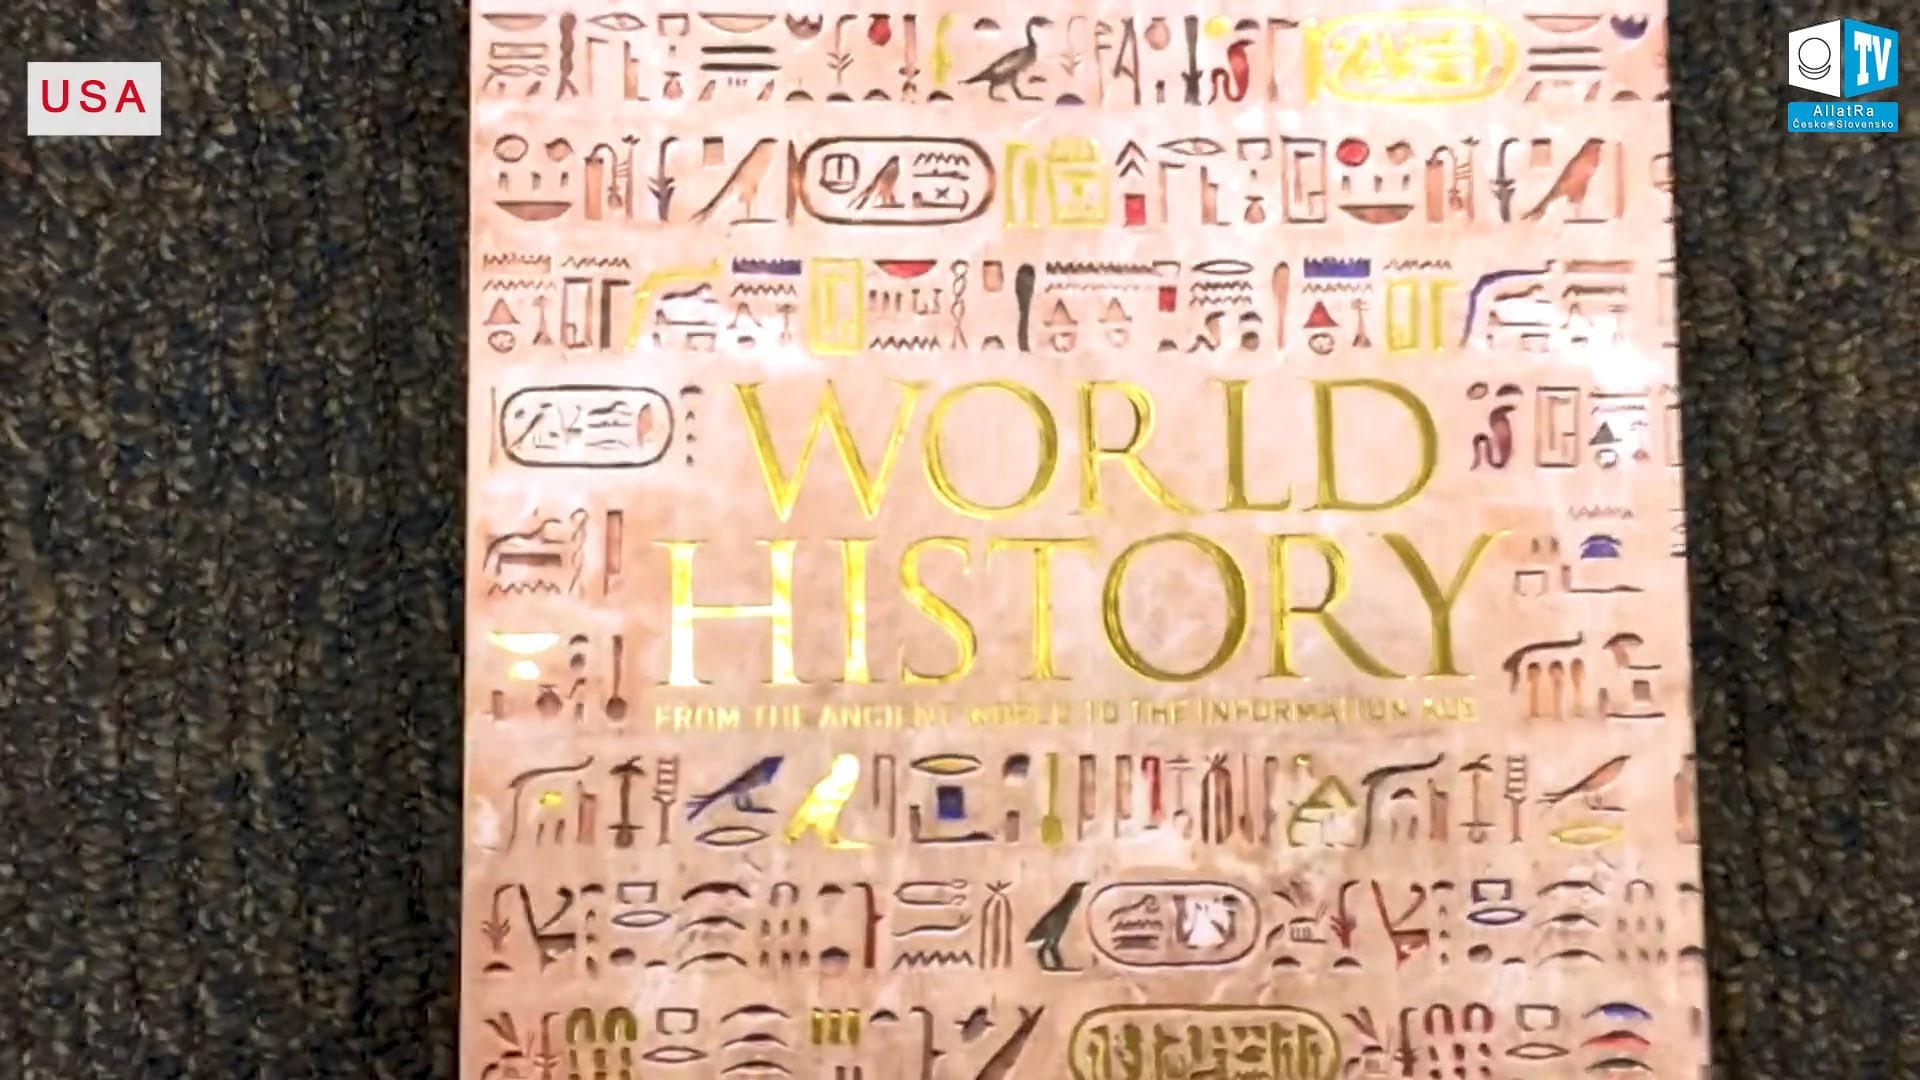 Celosvětová  historie. Foto